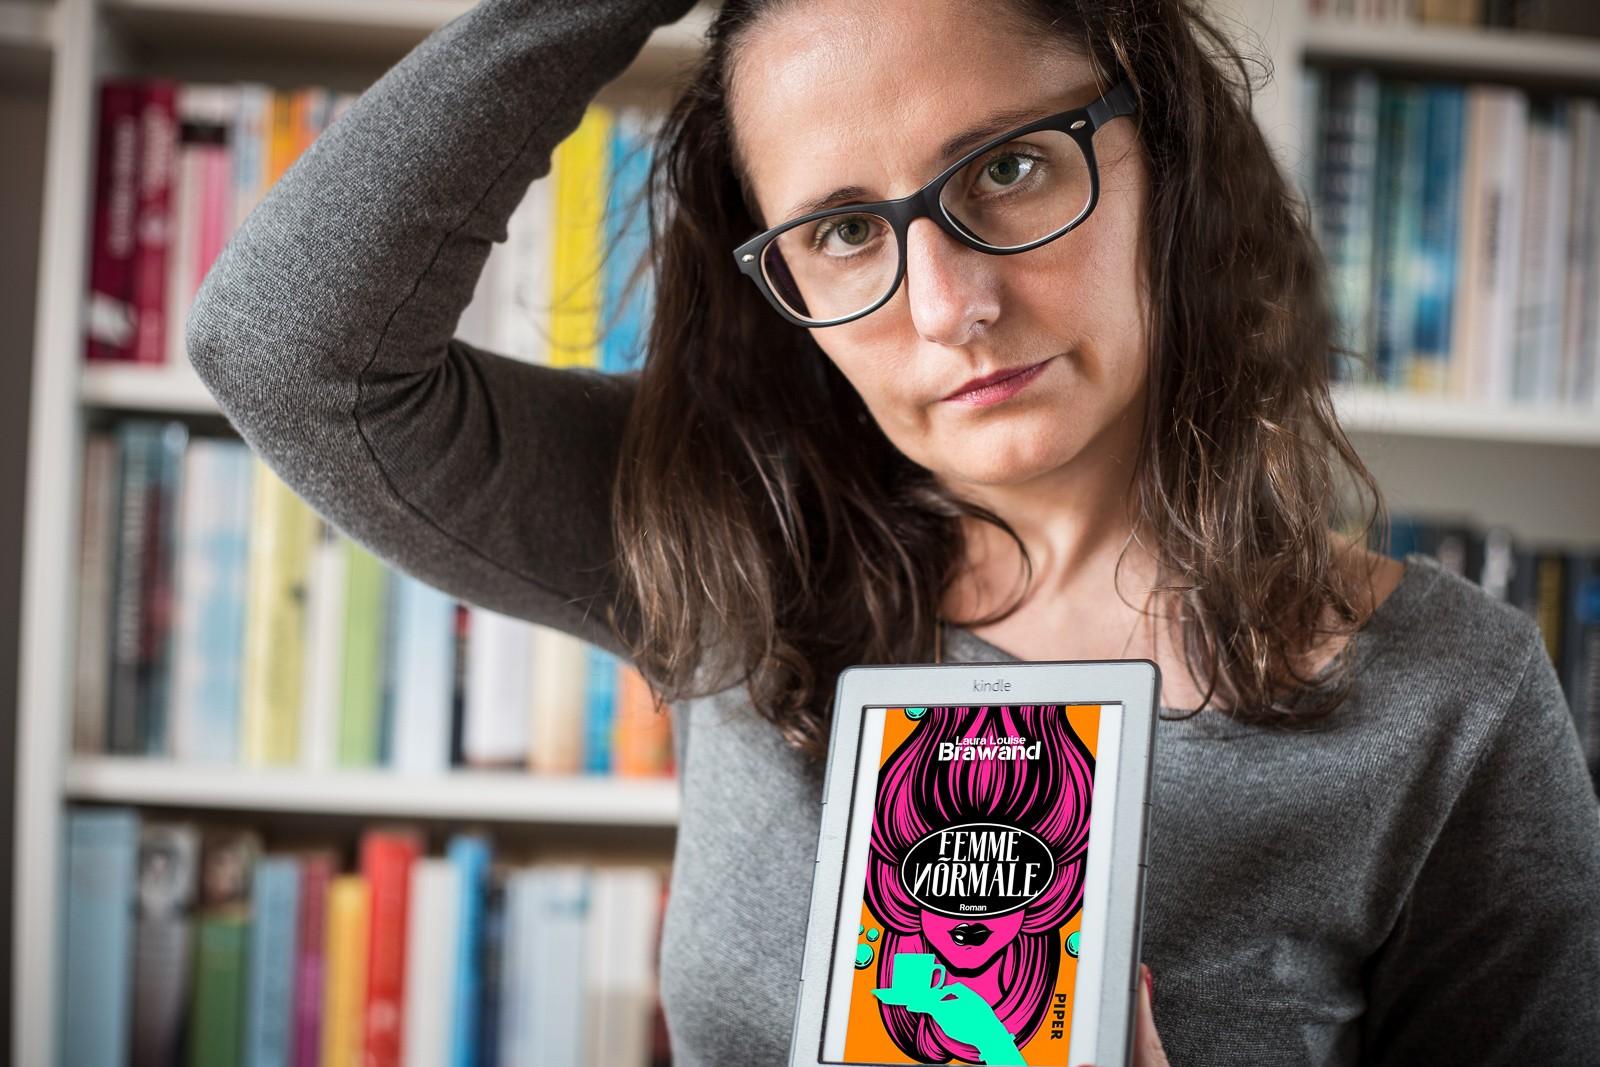 Lesefreude mit Femme Normale von Laura Louise Brawand